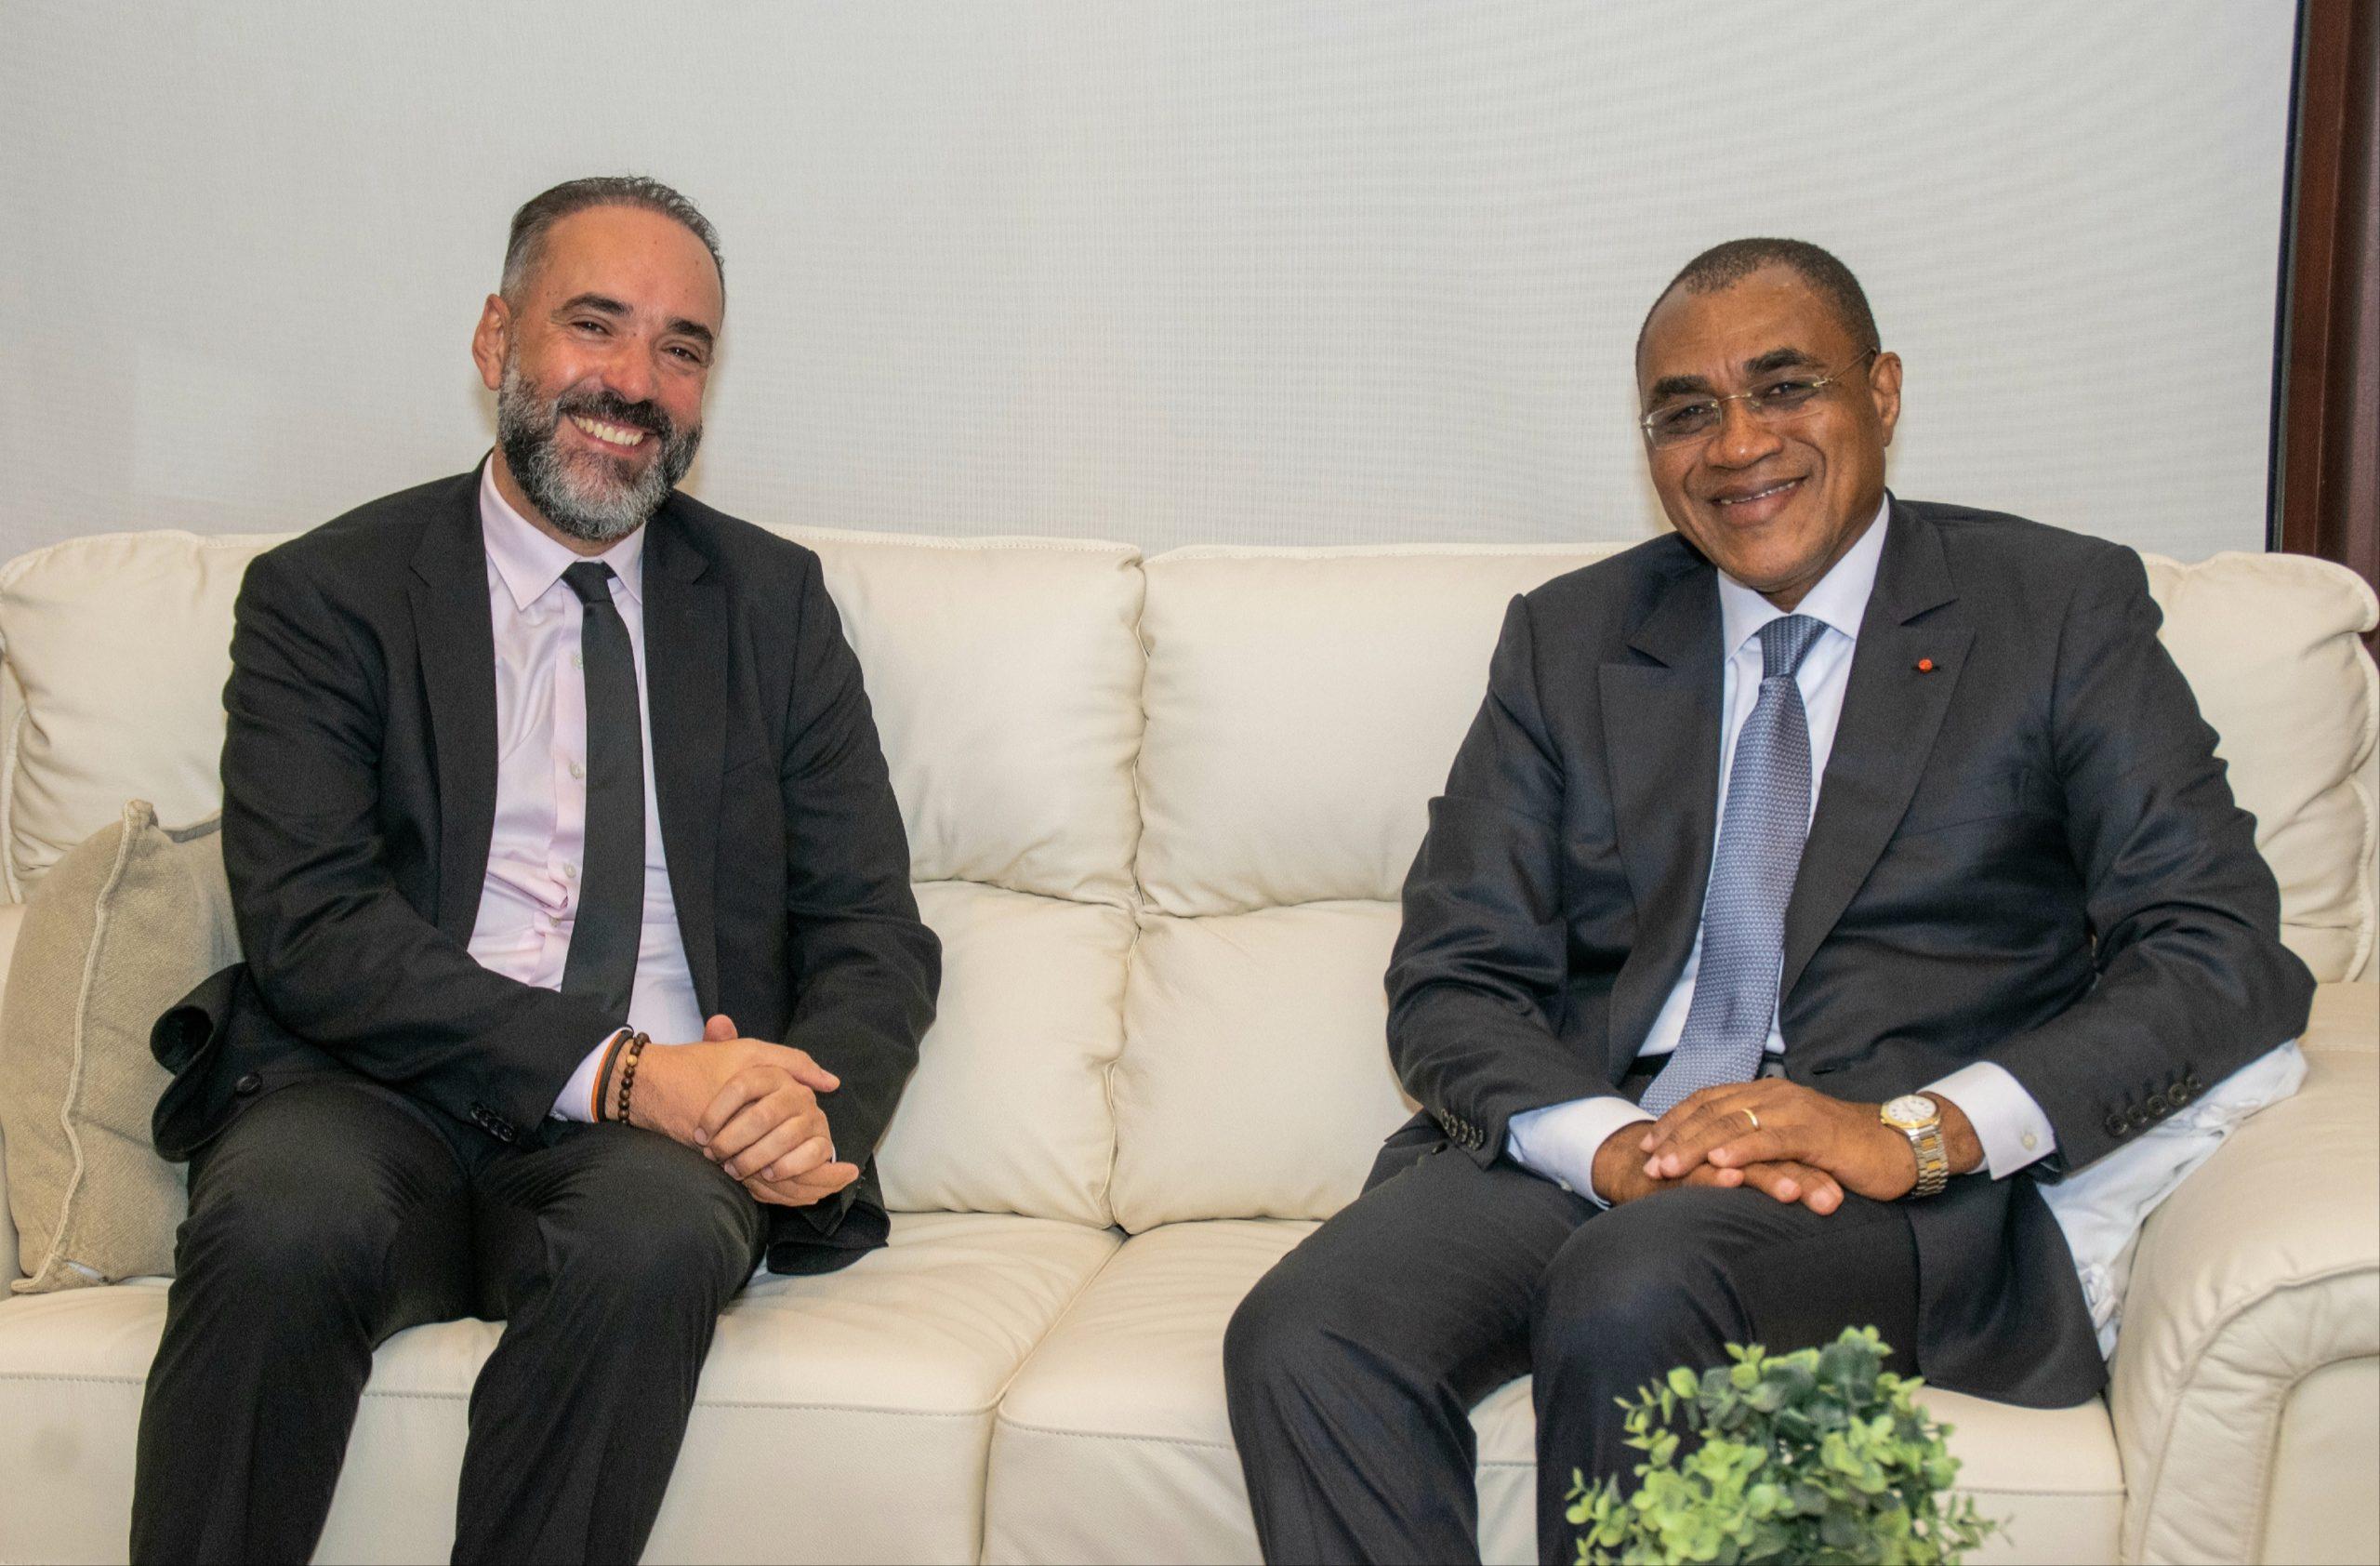 M. Kamal MOKDAD Directeur Général de la BCP et de l'International et M. Adama COULIBALY Ministre de l'Économie et des Finances de la République de Côte d'Ivoire